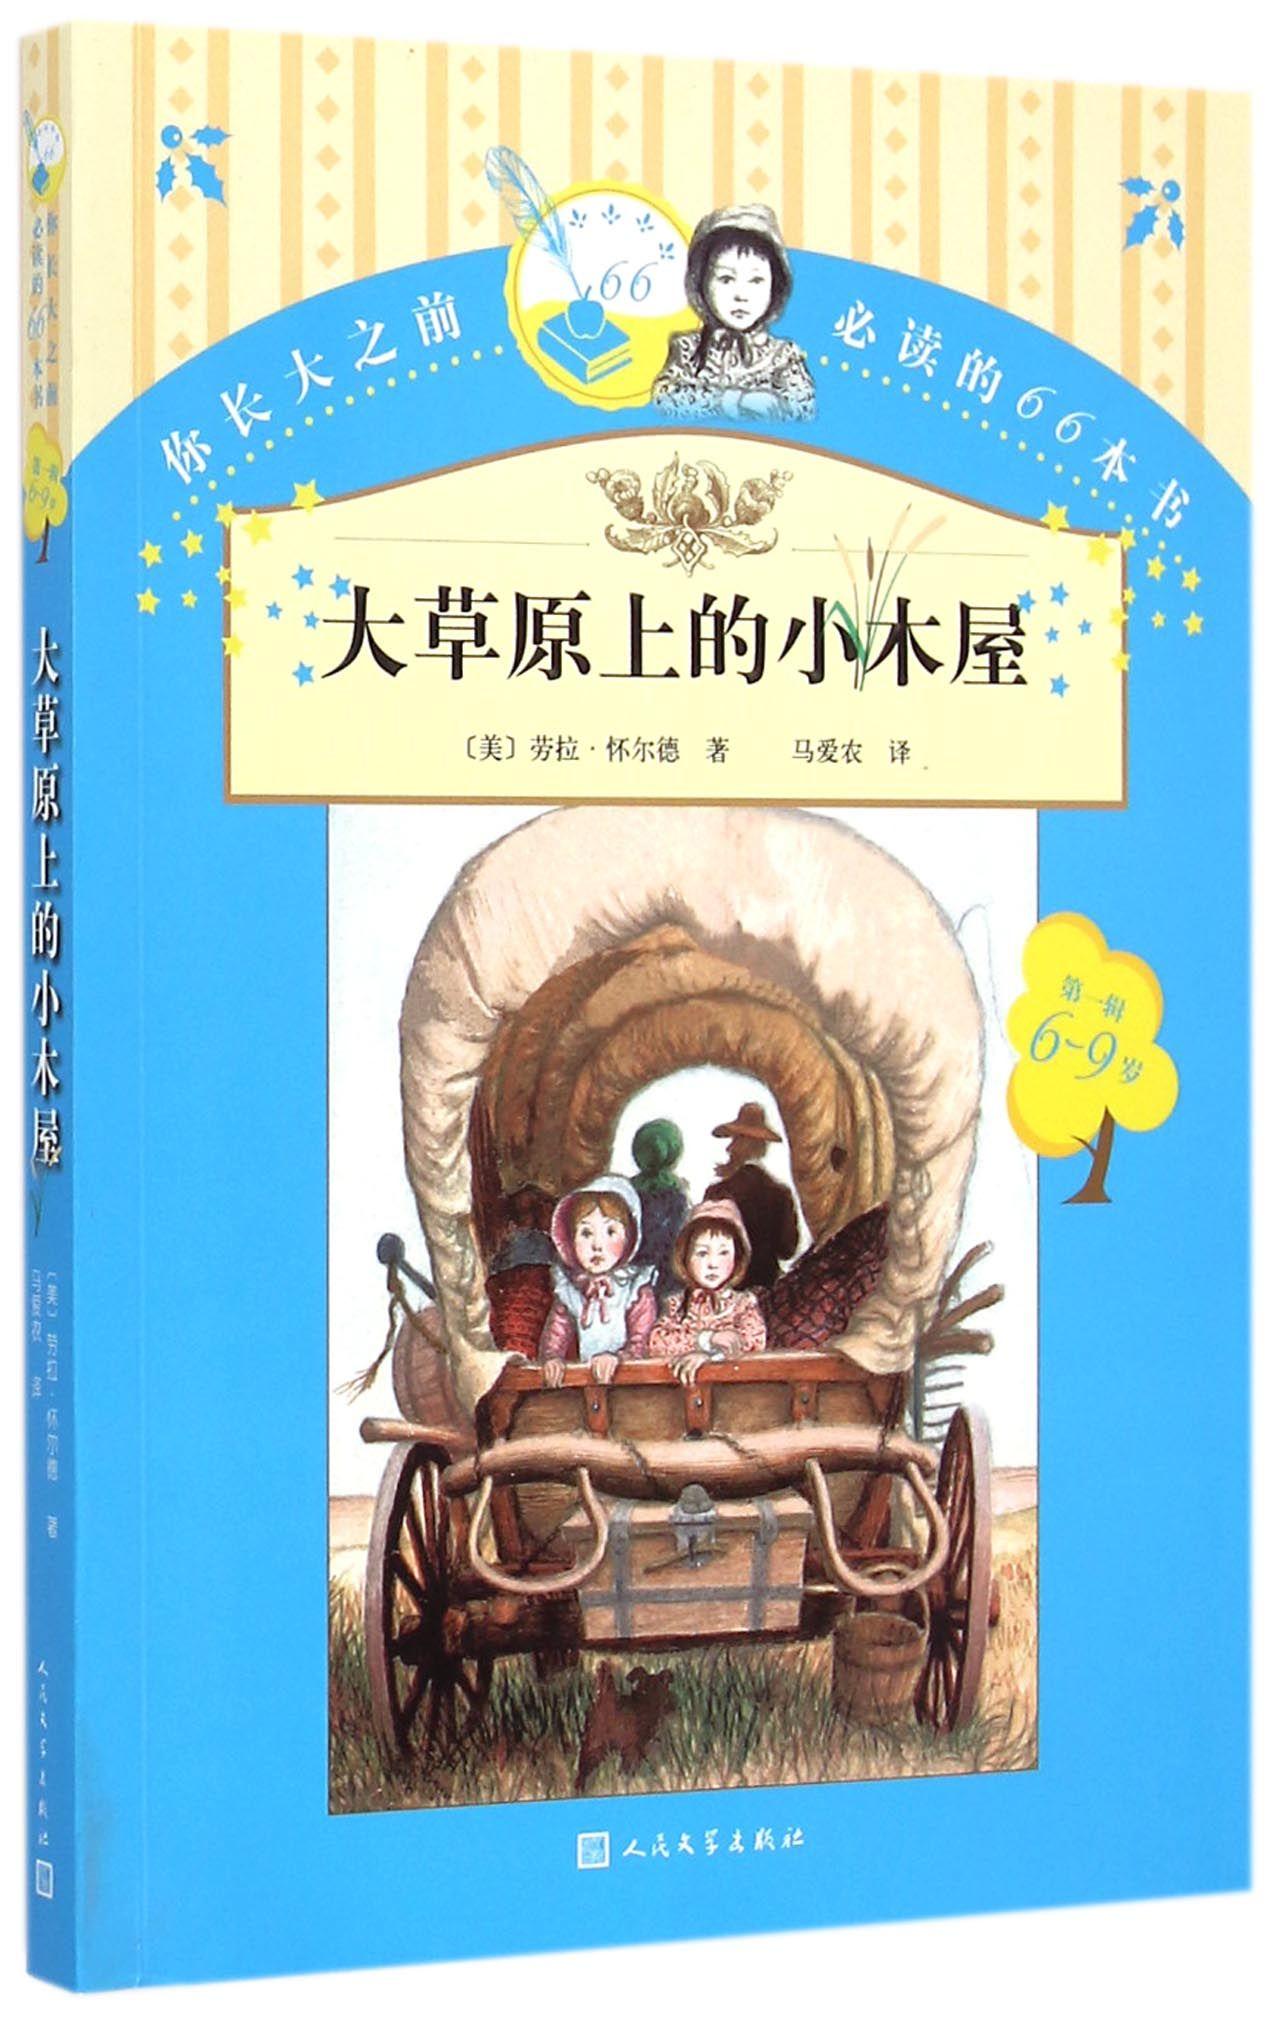 大草原上的小木屋(6-9岁)/你长大之前必读的66本书